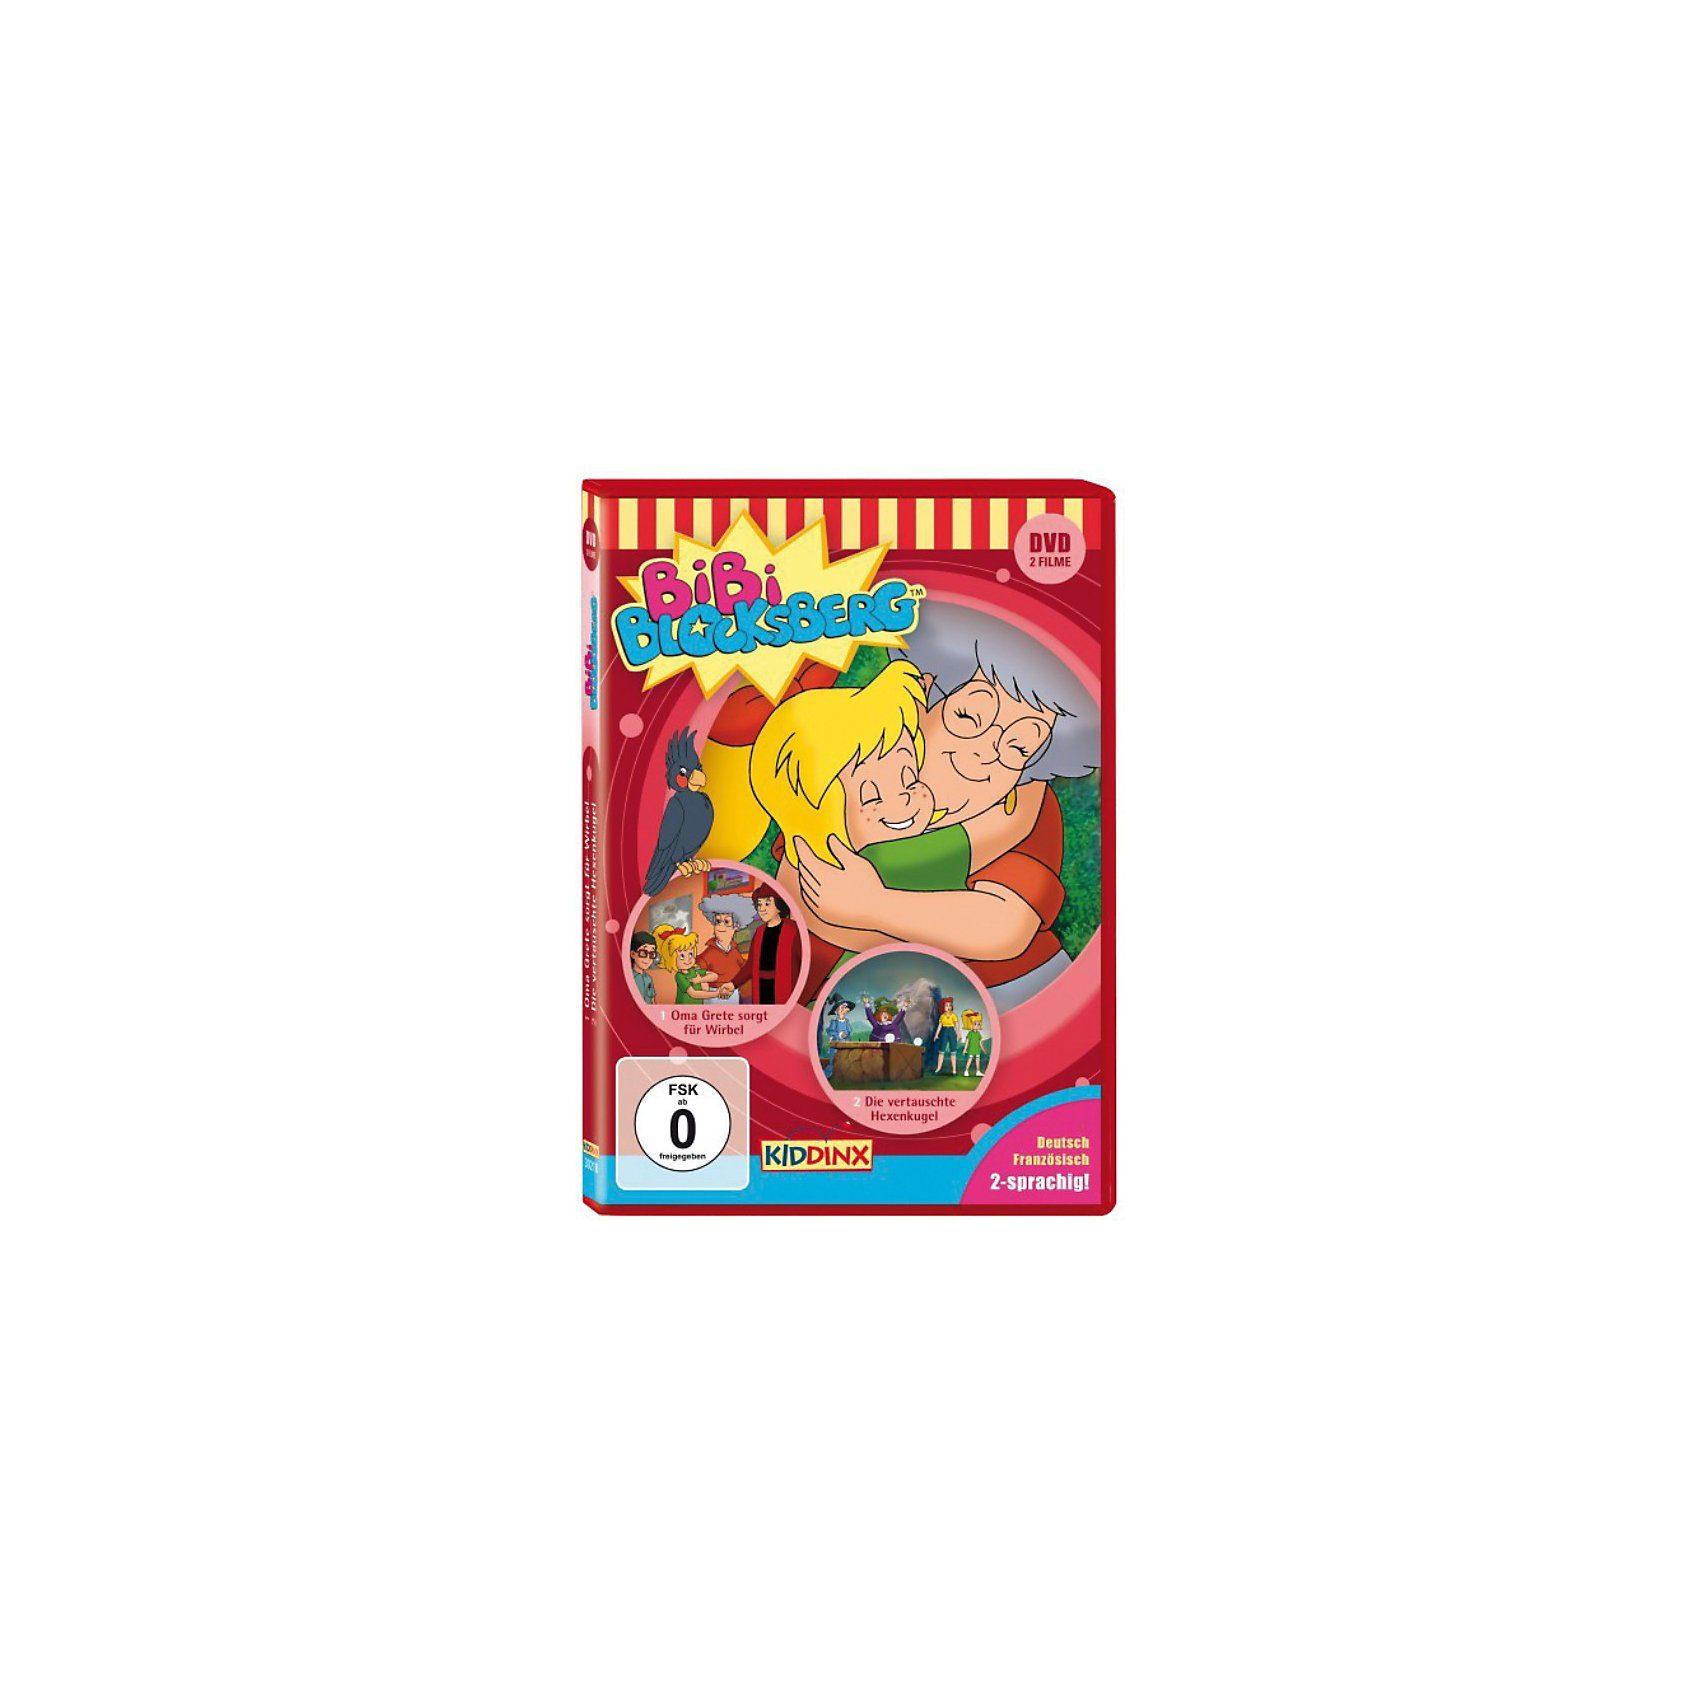 Kiddinx DVD Bibi Blocksberg - Oma Grete sorgt für Wirbel/vertauschte